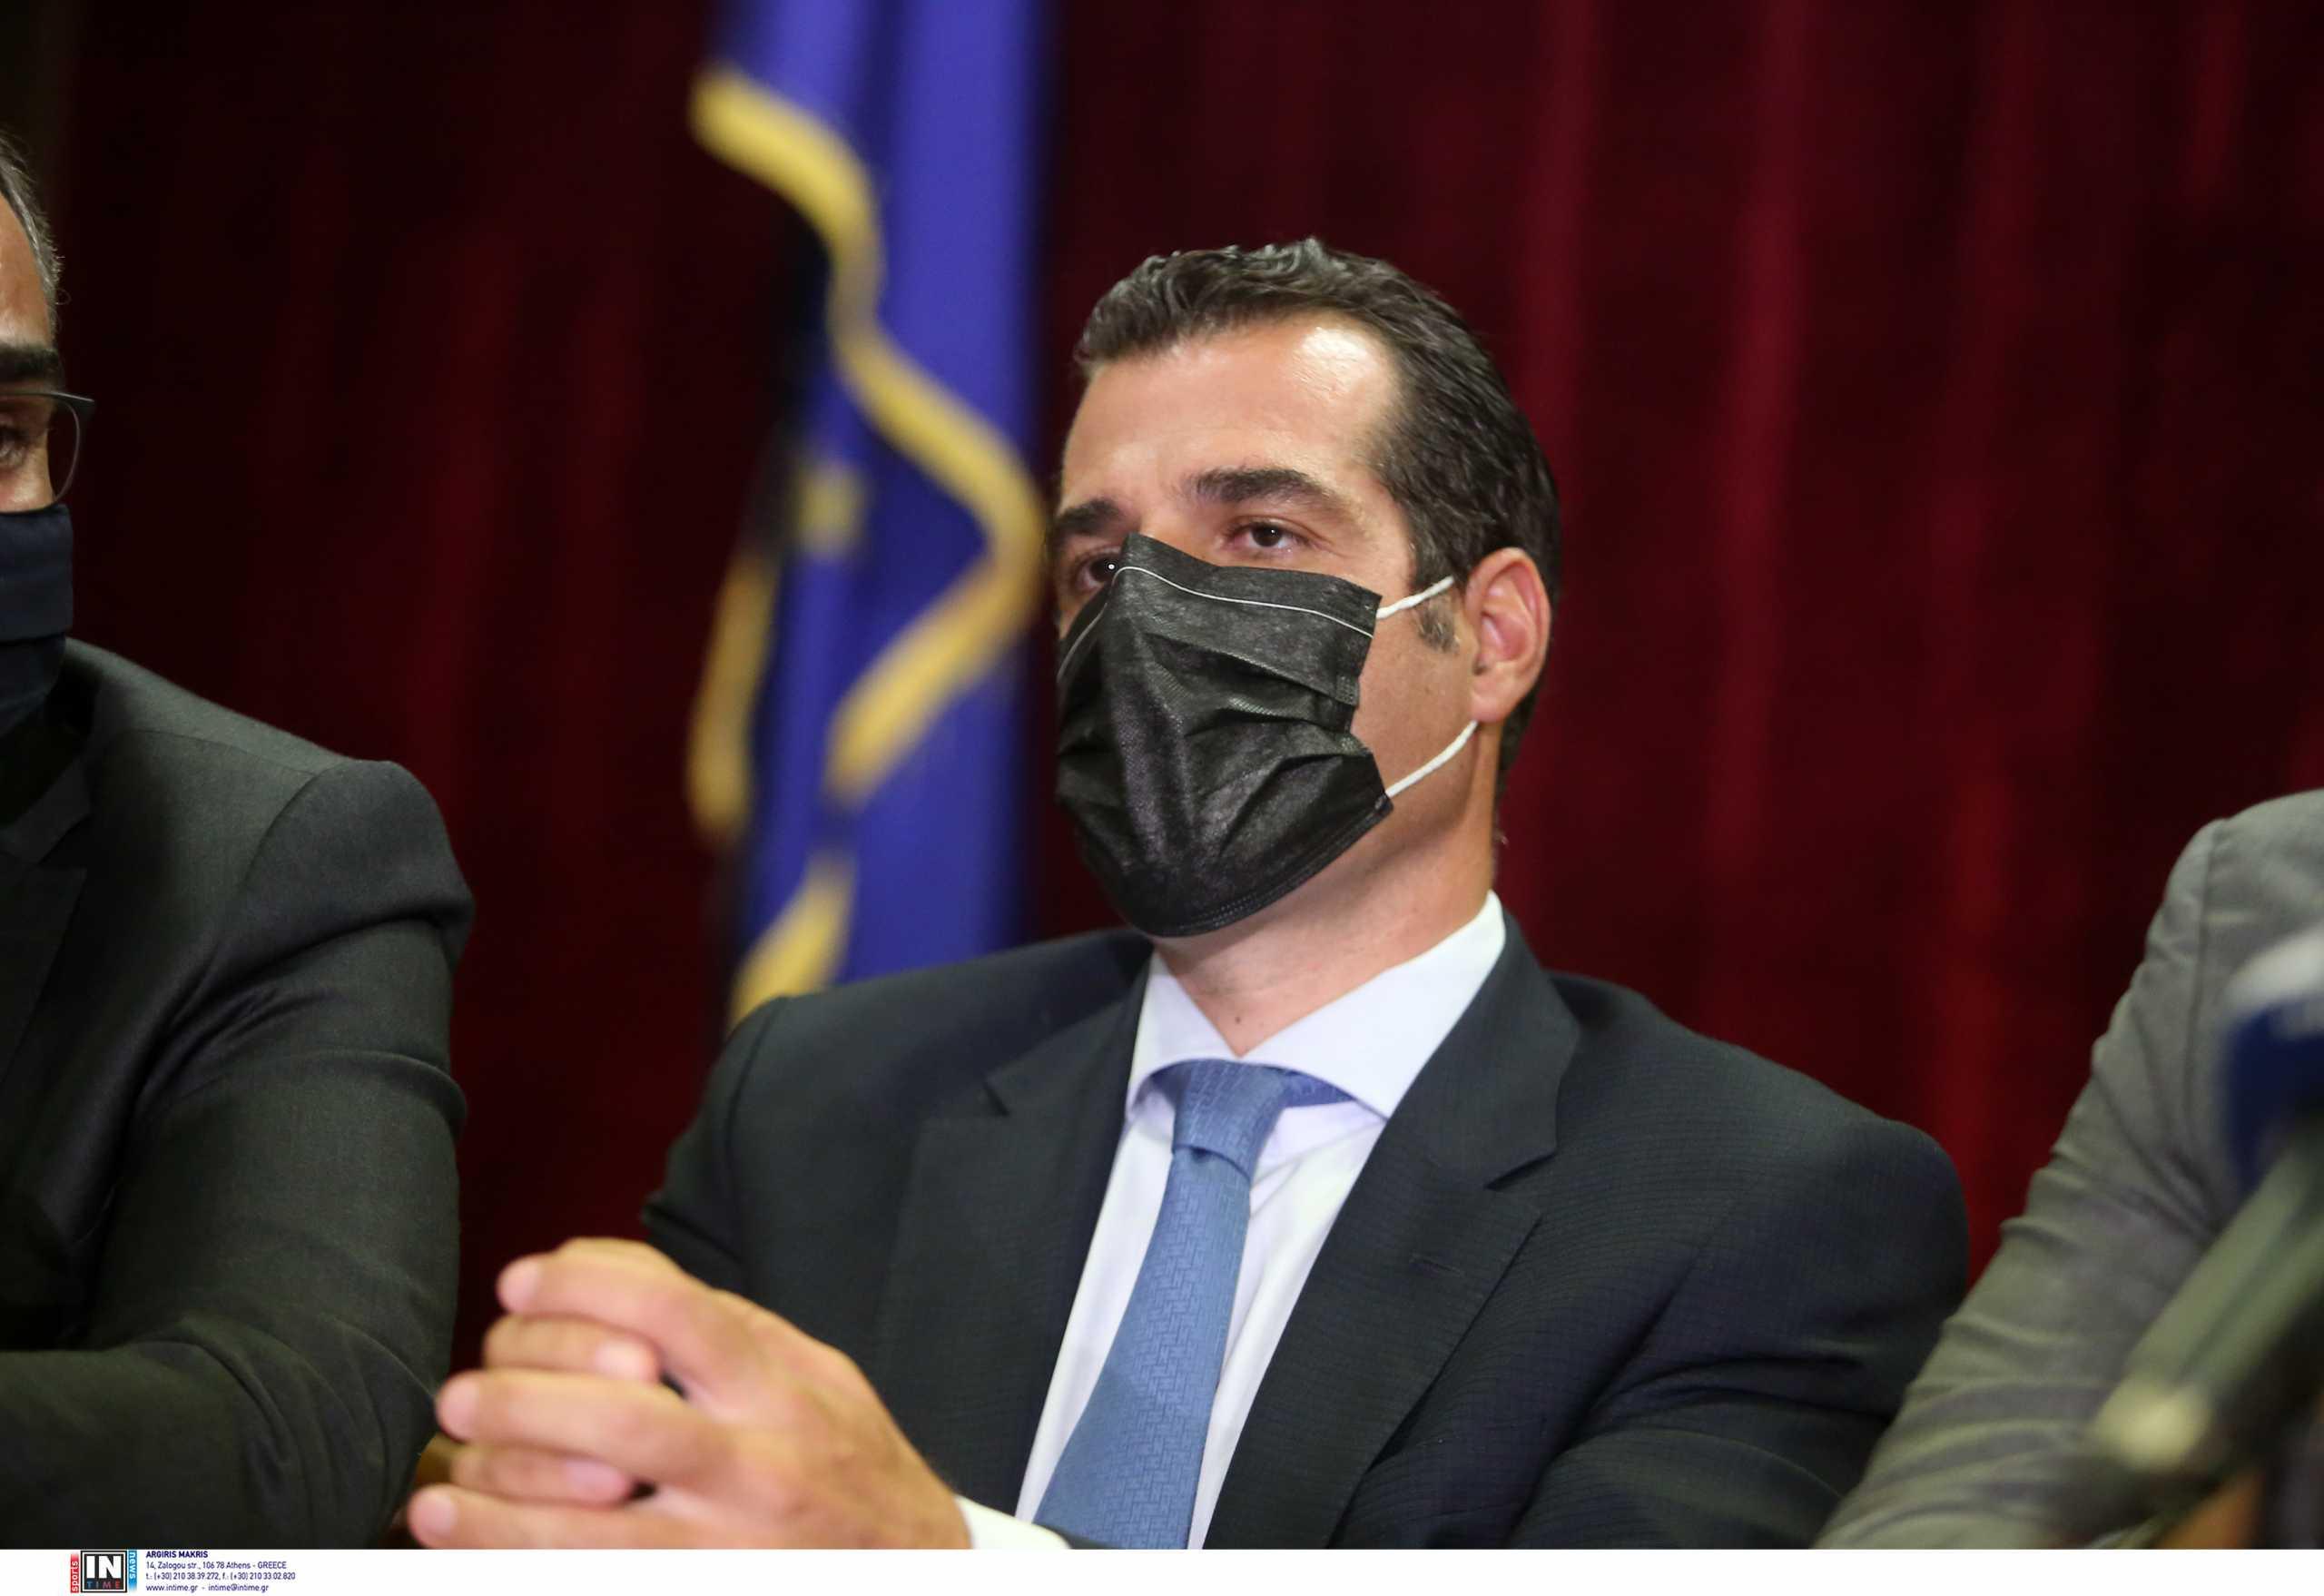 Θάνος Πλεύρης: «Παγώνουν» οι απελάσεις για όσους μετανάστες κάνουν το εμβόλιο